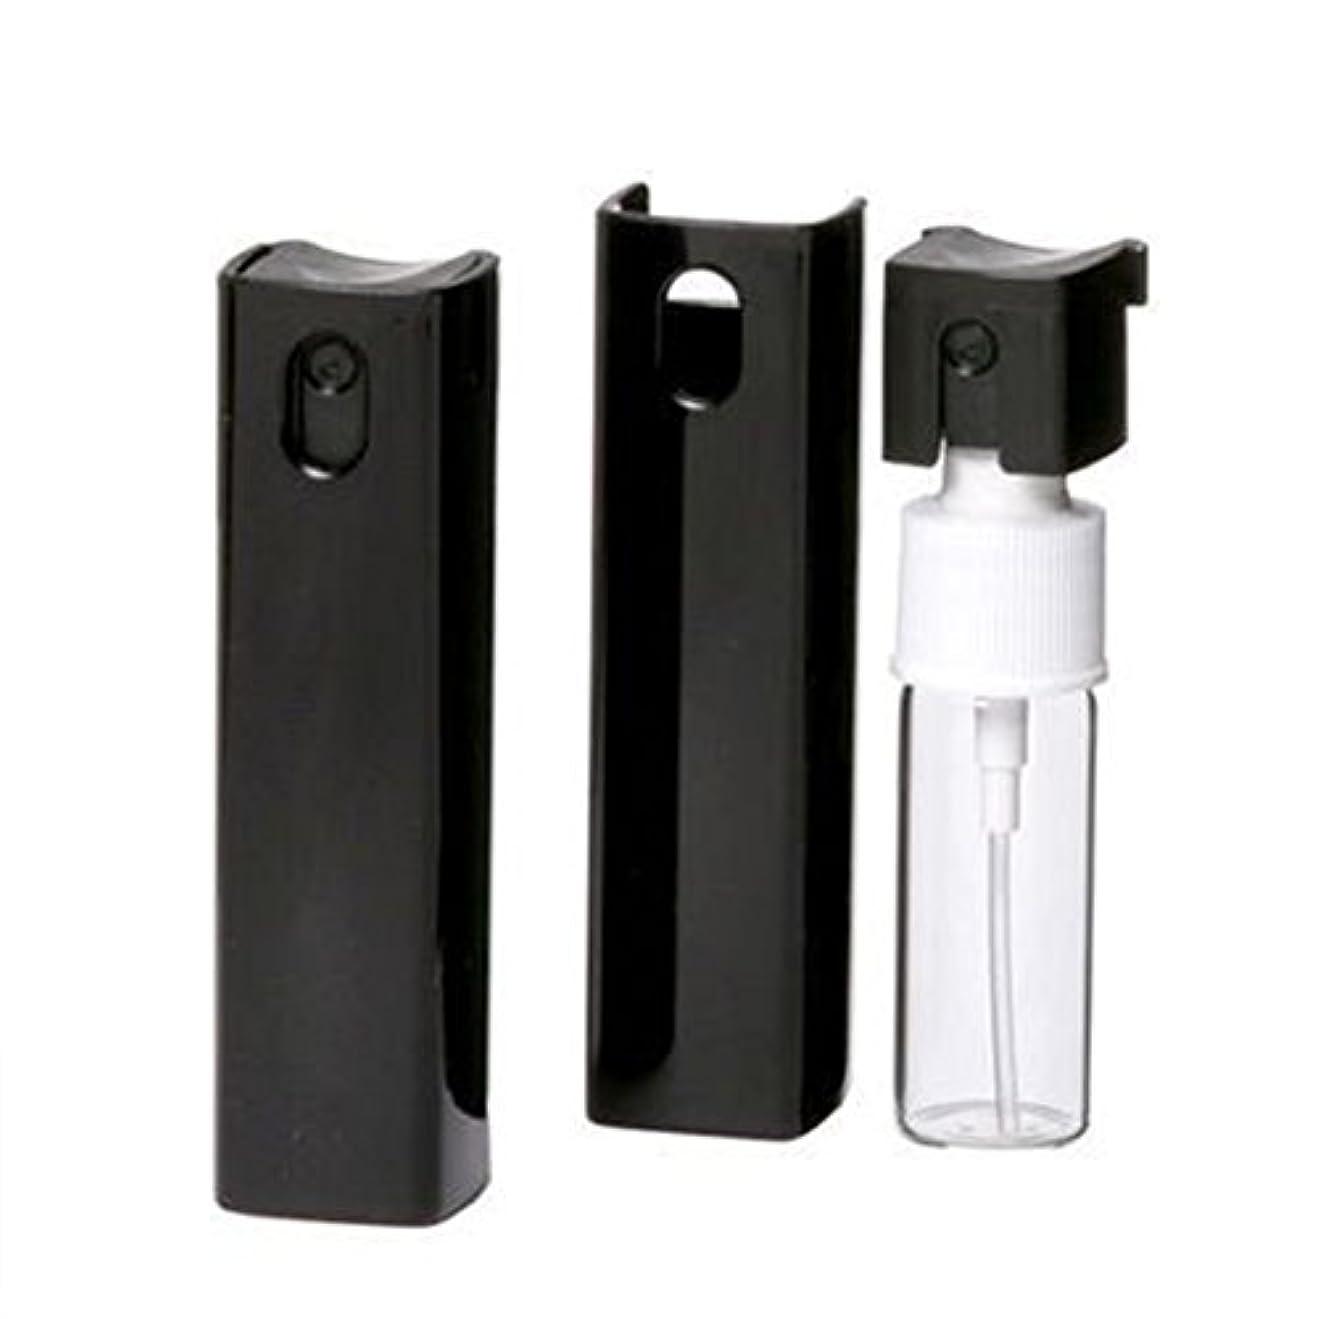 国民シャンプー非武装化ShopXJ 香水 メンズ アトマイザー 大人 男性 プッシュ式 詰め替え 持ち運び 身だしなみ 携帯用 10ml